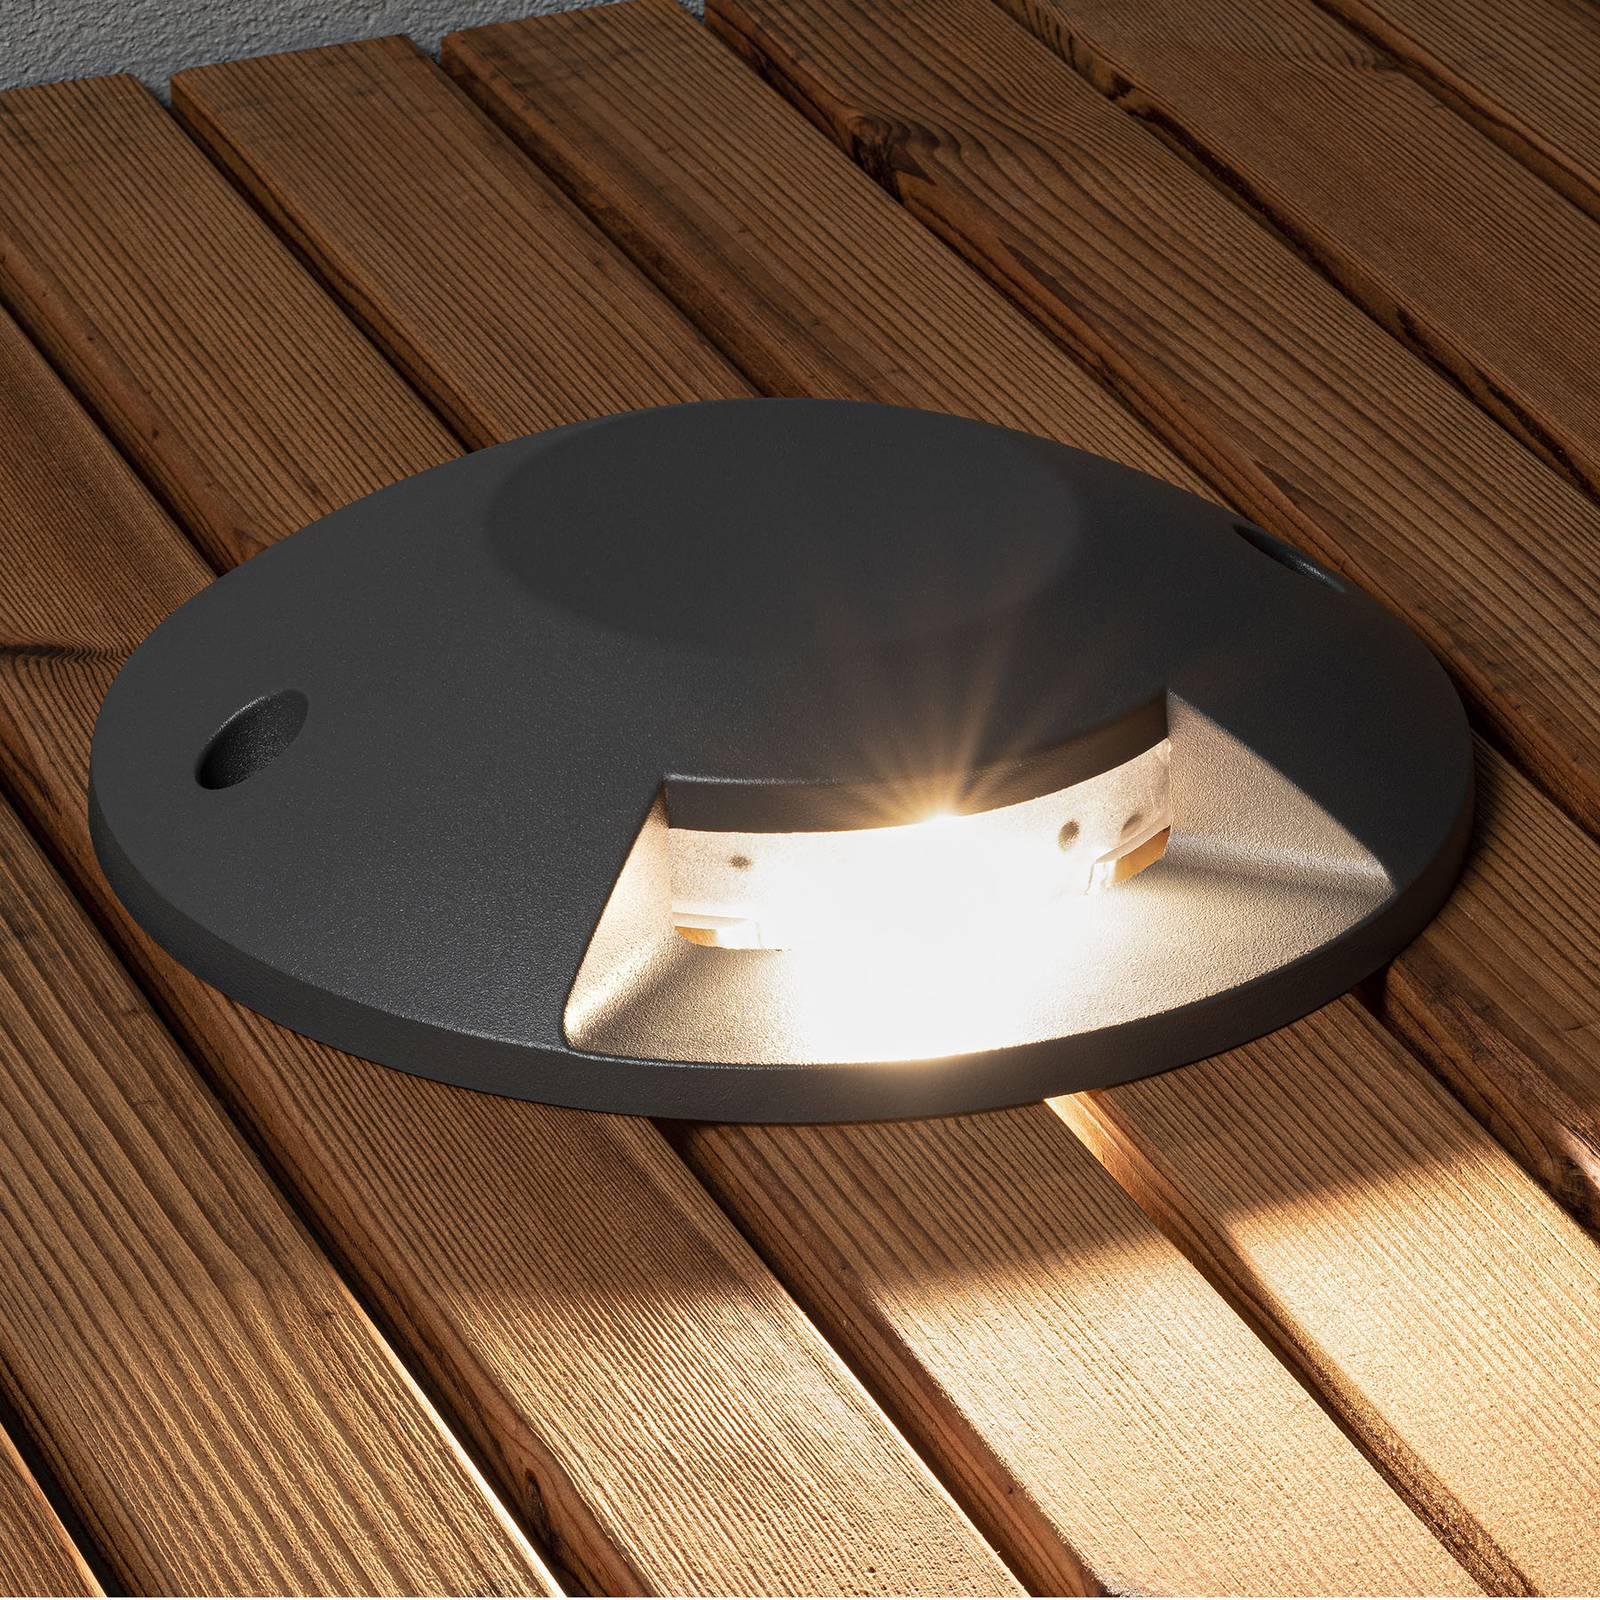 LED-lattiauppovalaisin 7880-370, 1-lamppuinen